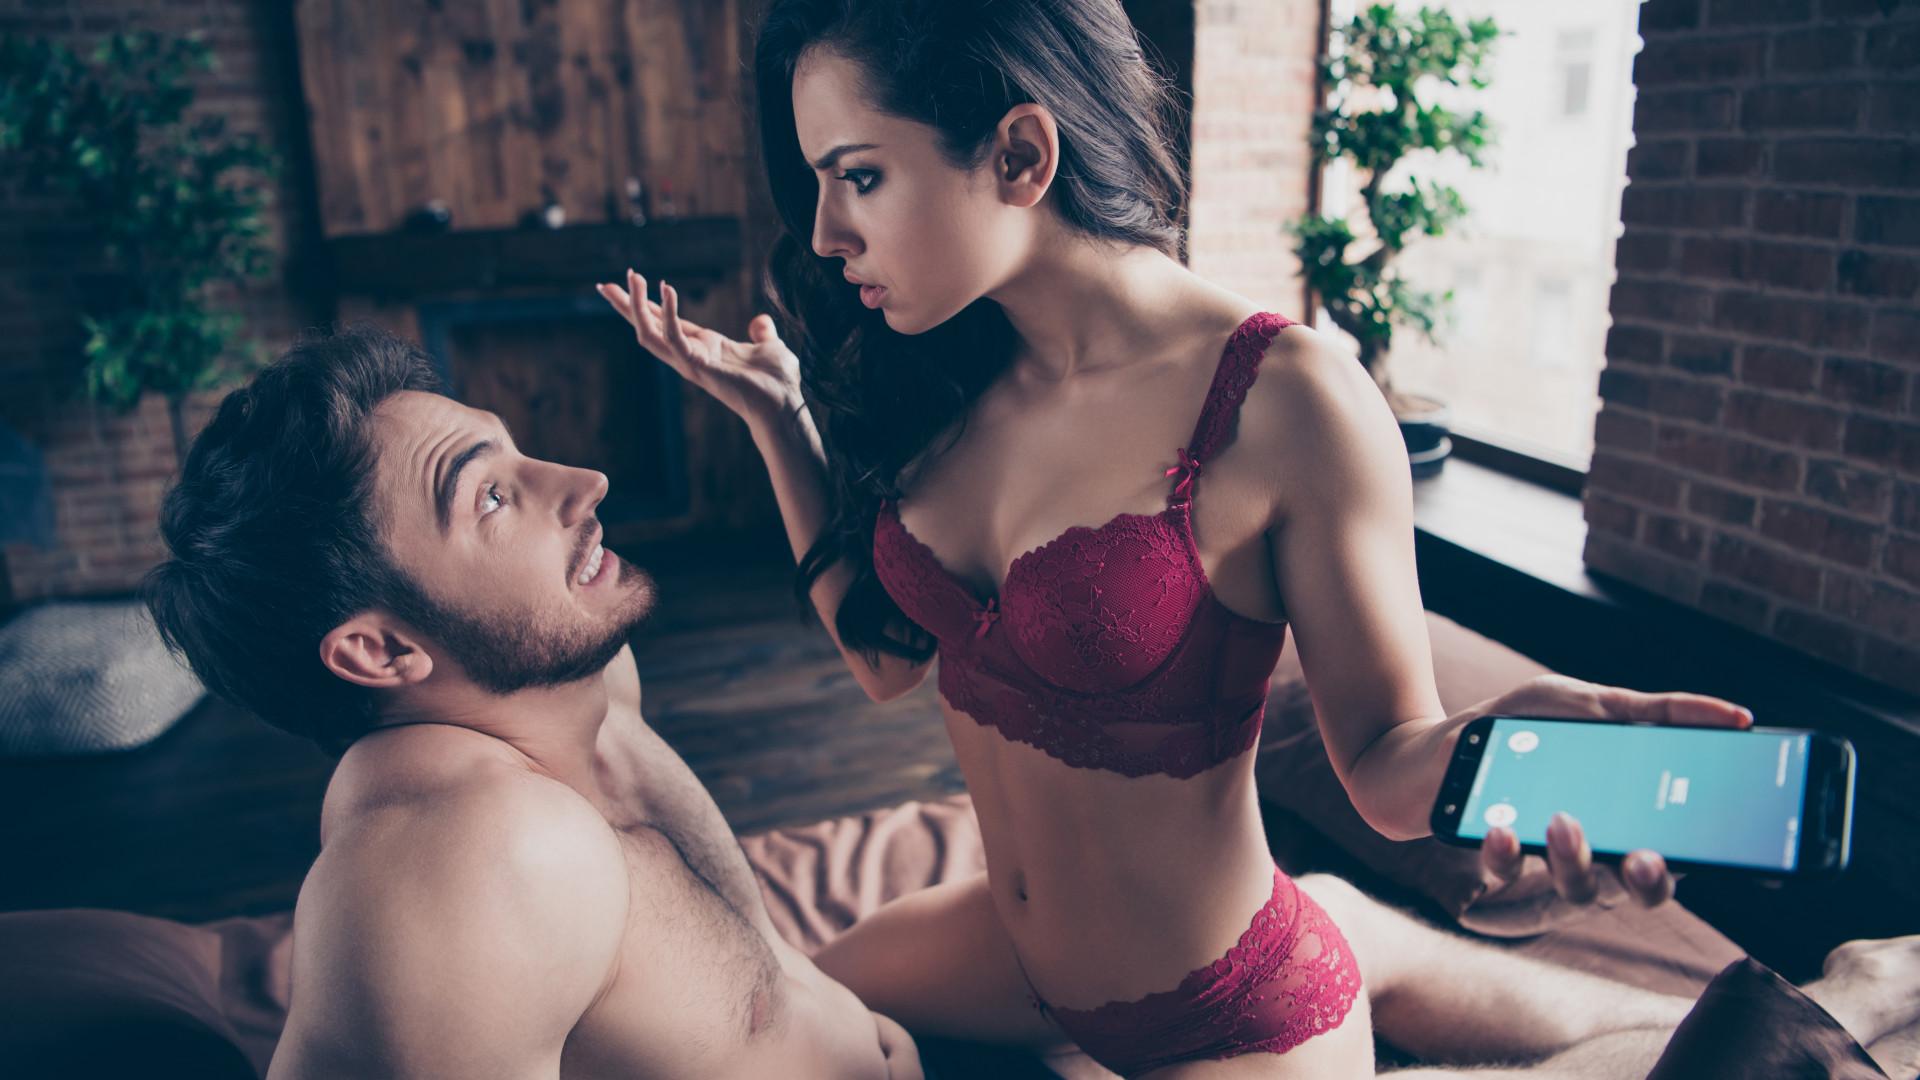 Sexo virtual é traição? Videochamada é meio favorito para sexo na Net